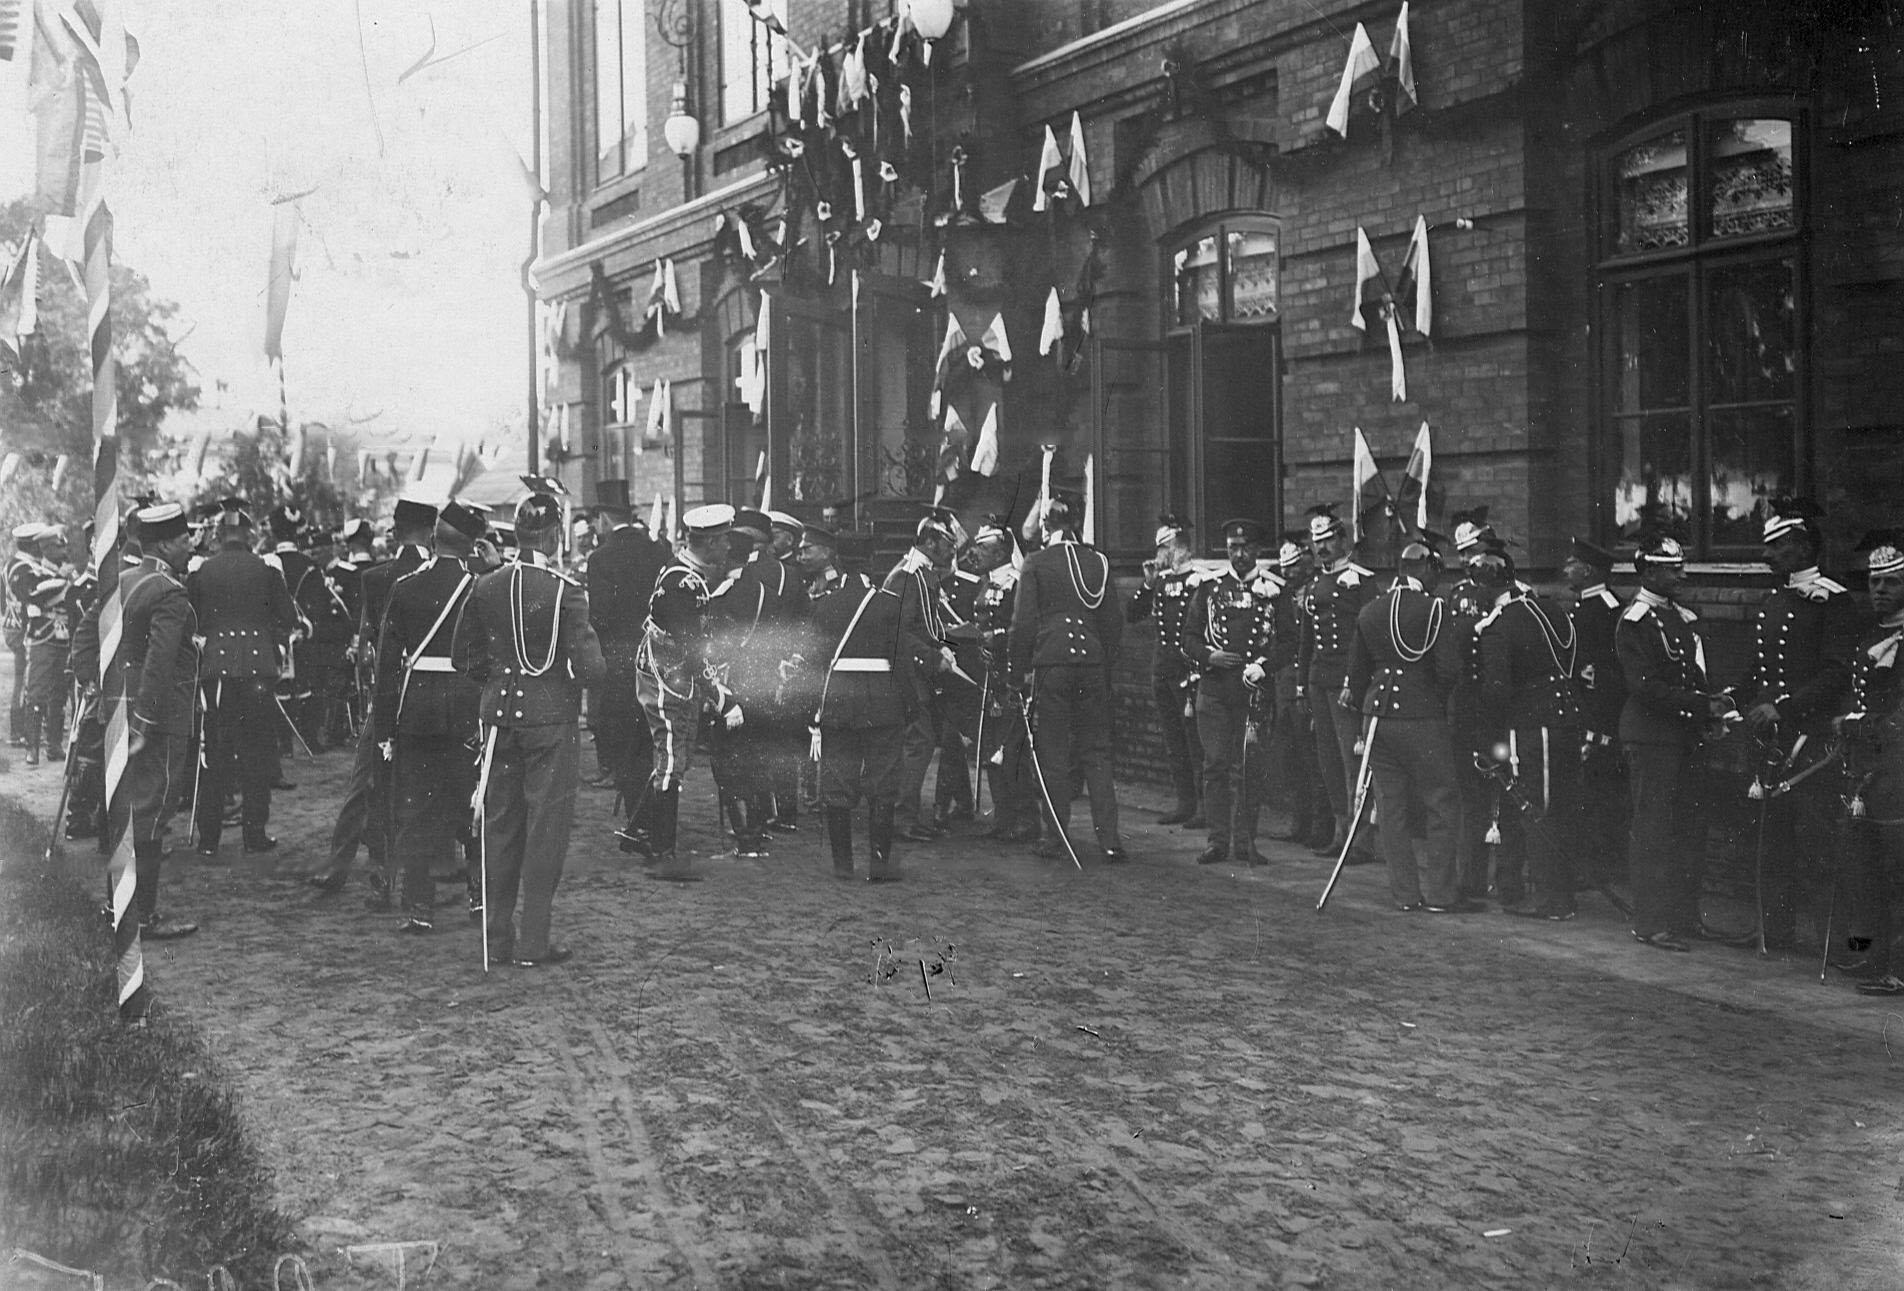 Офицеры, прибывшие  на празднование 250-летнего юбилея полка, у входа в офицерское собрание